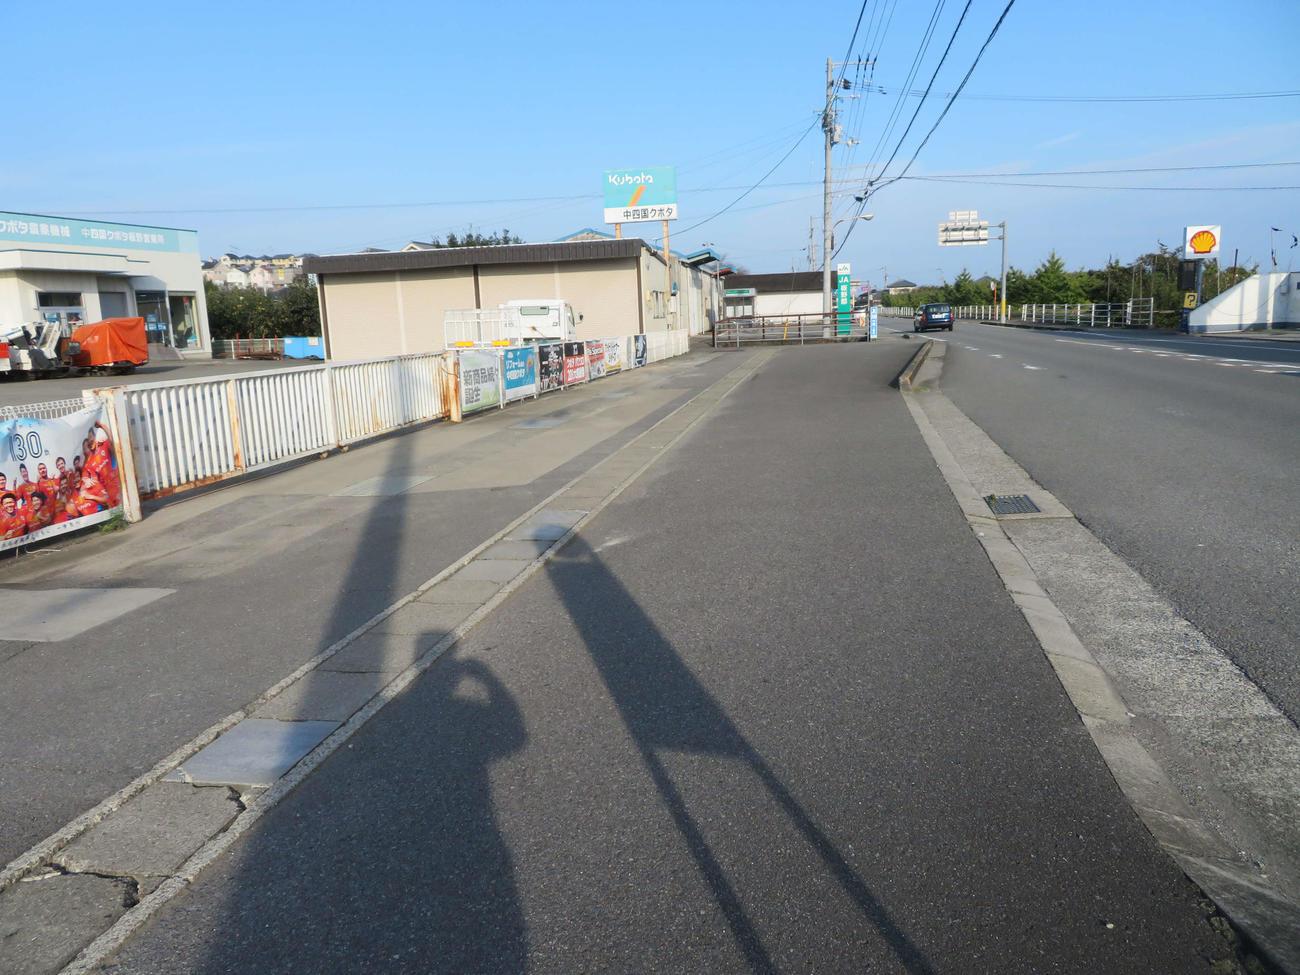 〈3〉犬伏駅があったと思われる場所付近。バス停がないと気づかないかもしれない